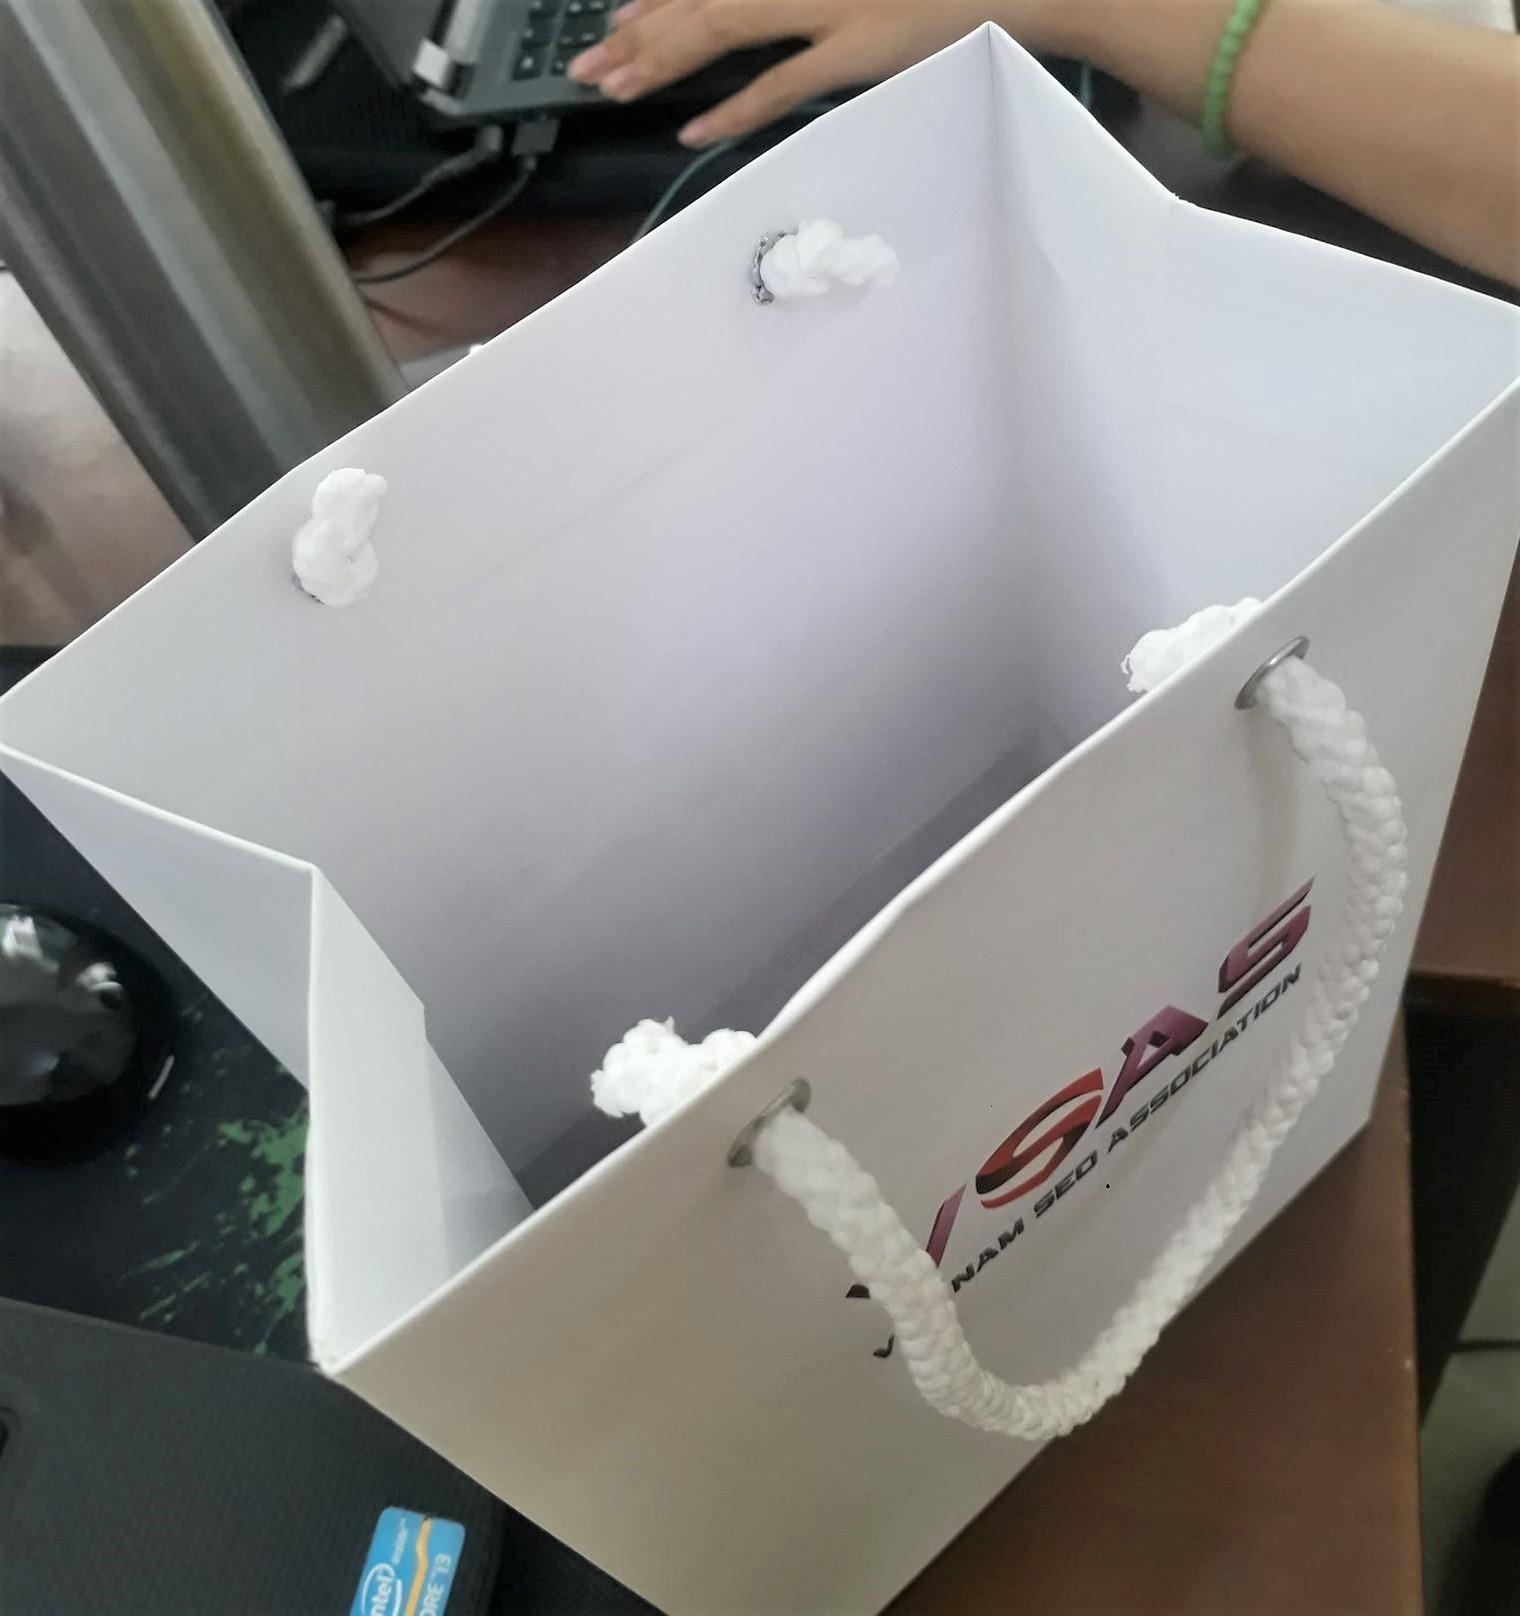 Túi giấy Couche 250gsm giá thành rẻ được nhiều người lựa chọn